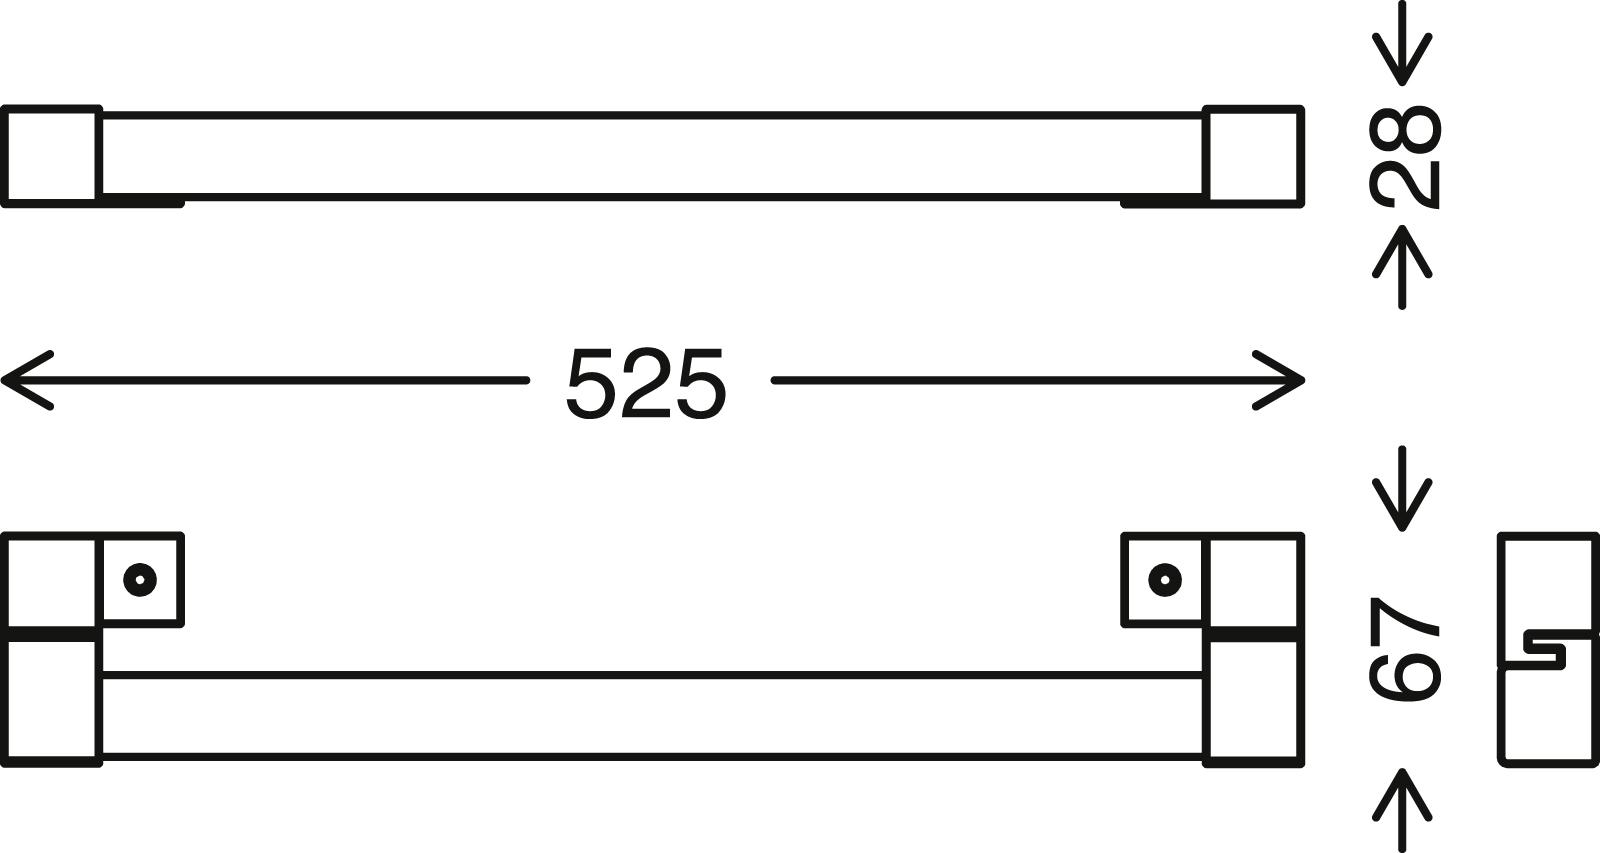 LED Spiegelleuchte, 52,5 cm, 10 W, Schwarz